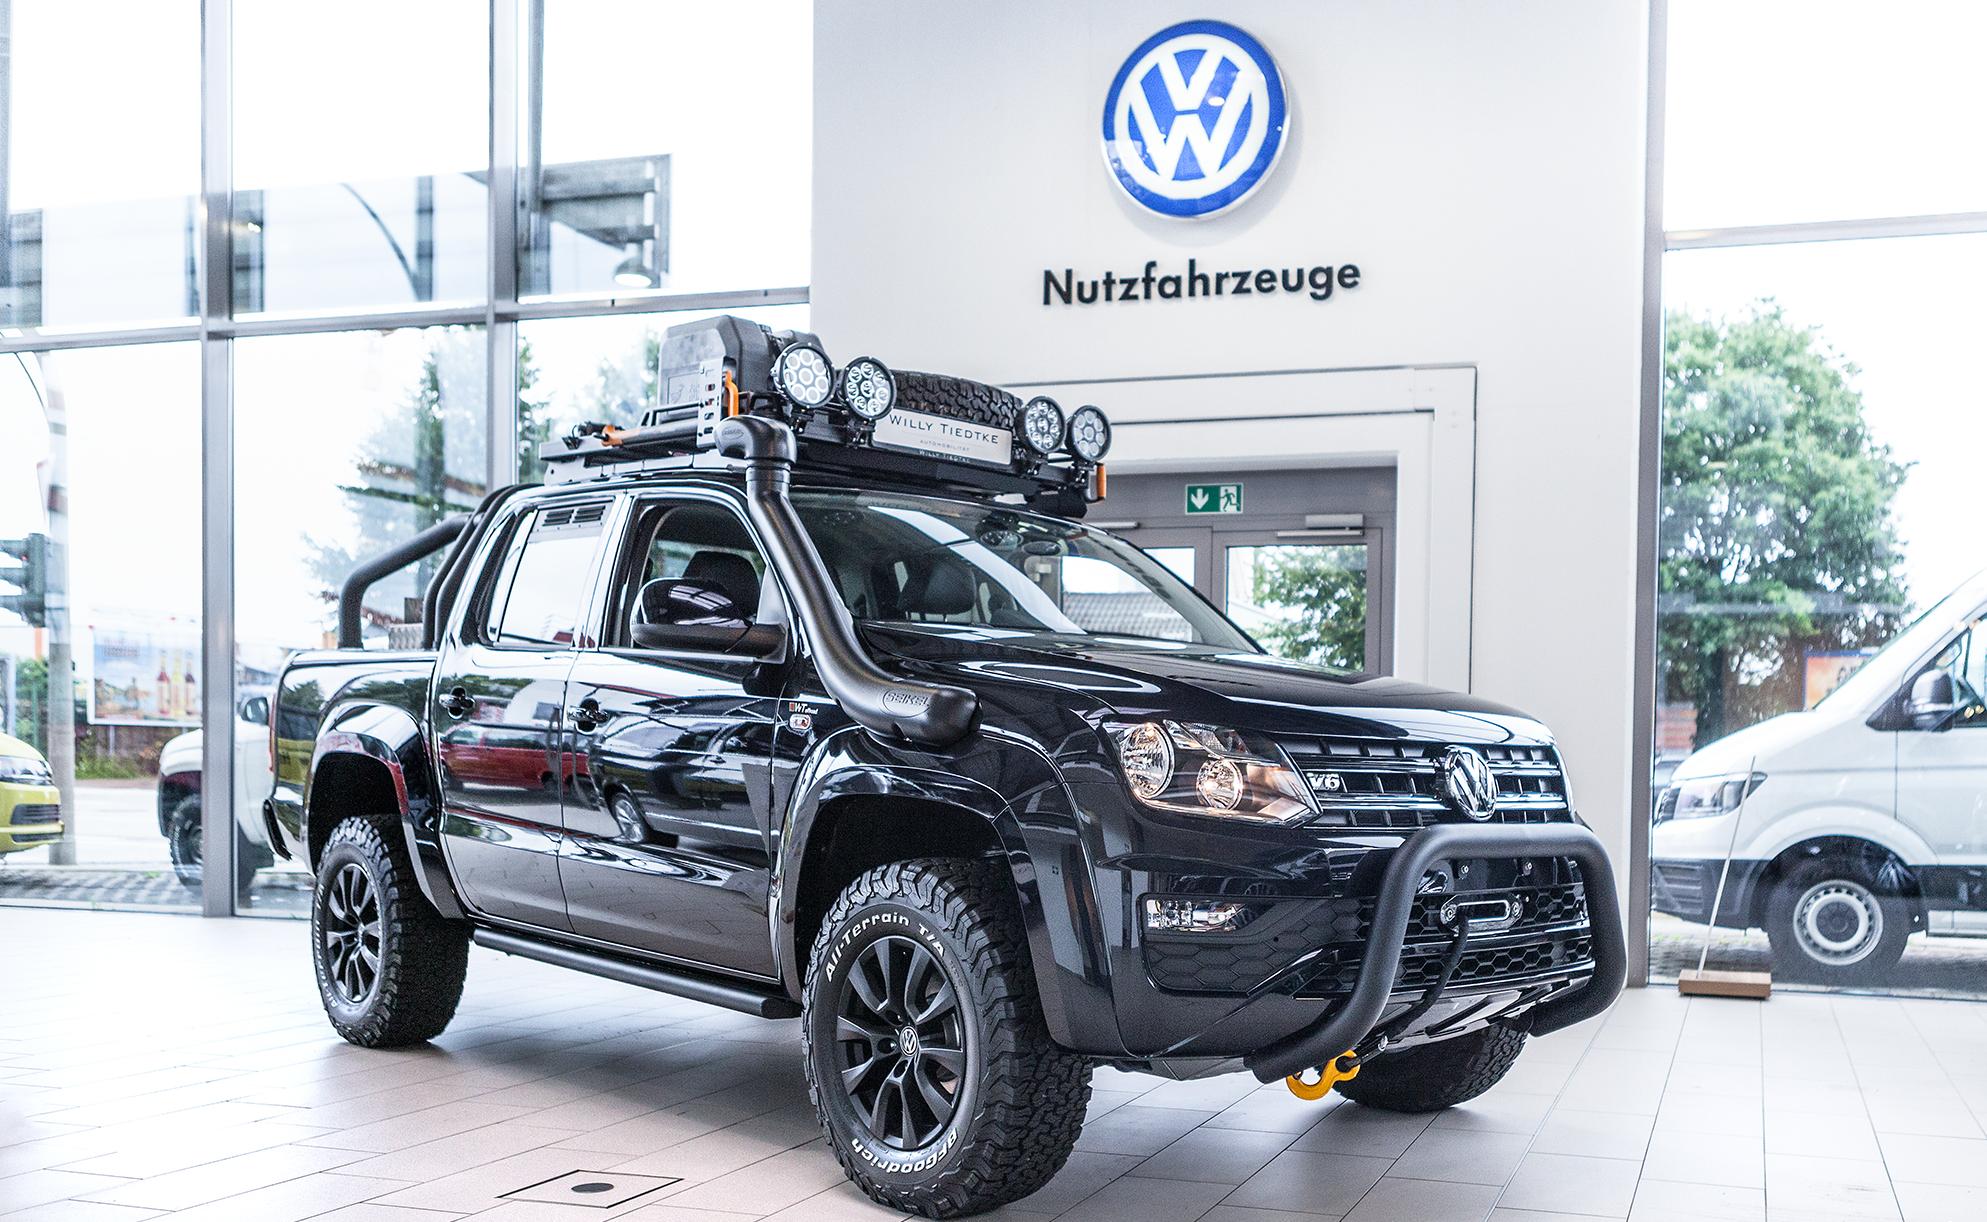 VW-Fahrzeugumbauten von WT Offroad